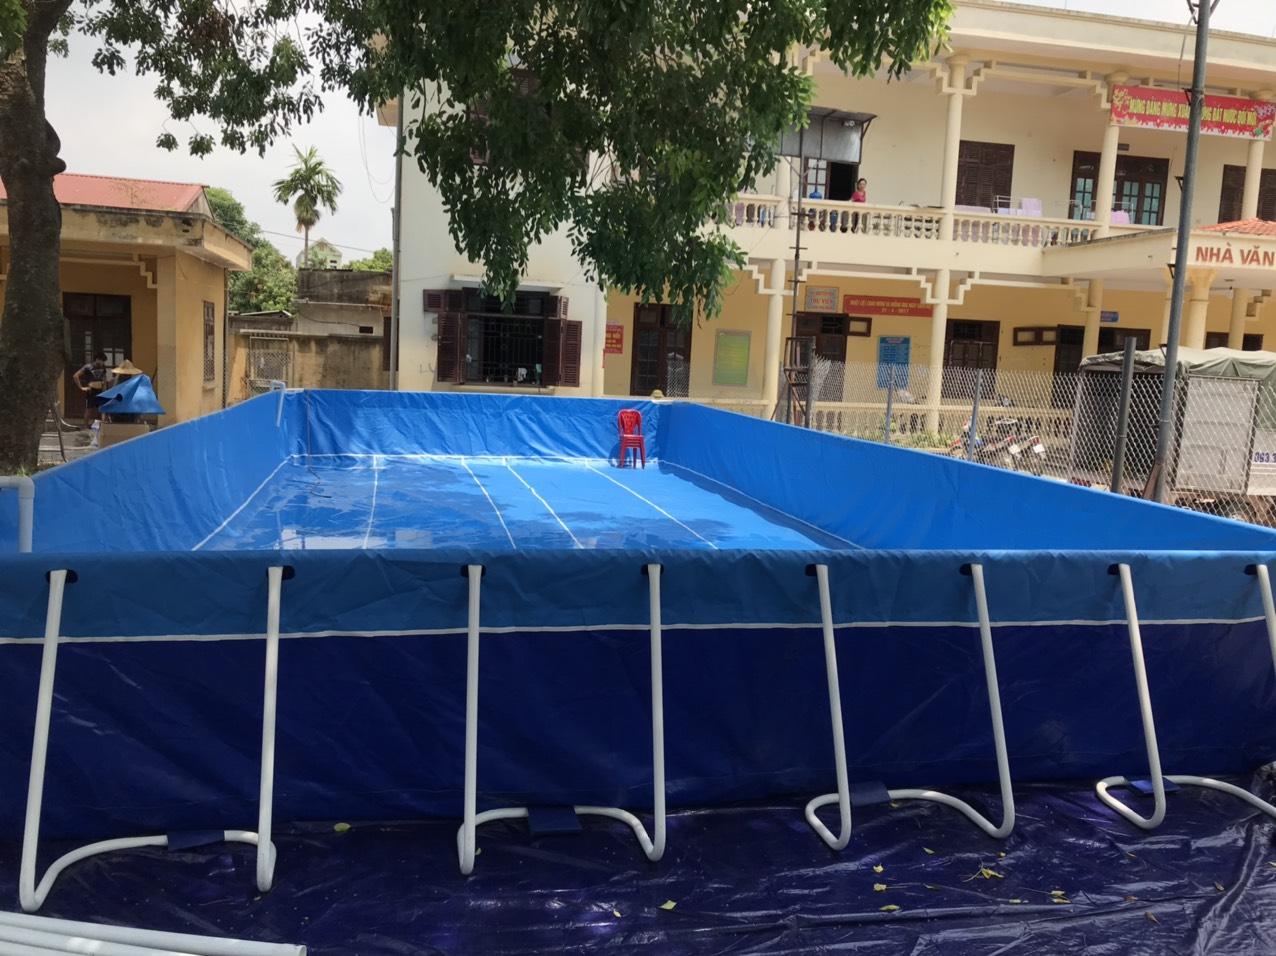 bể bơi trường học lắp ghép Vietpools